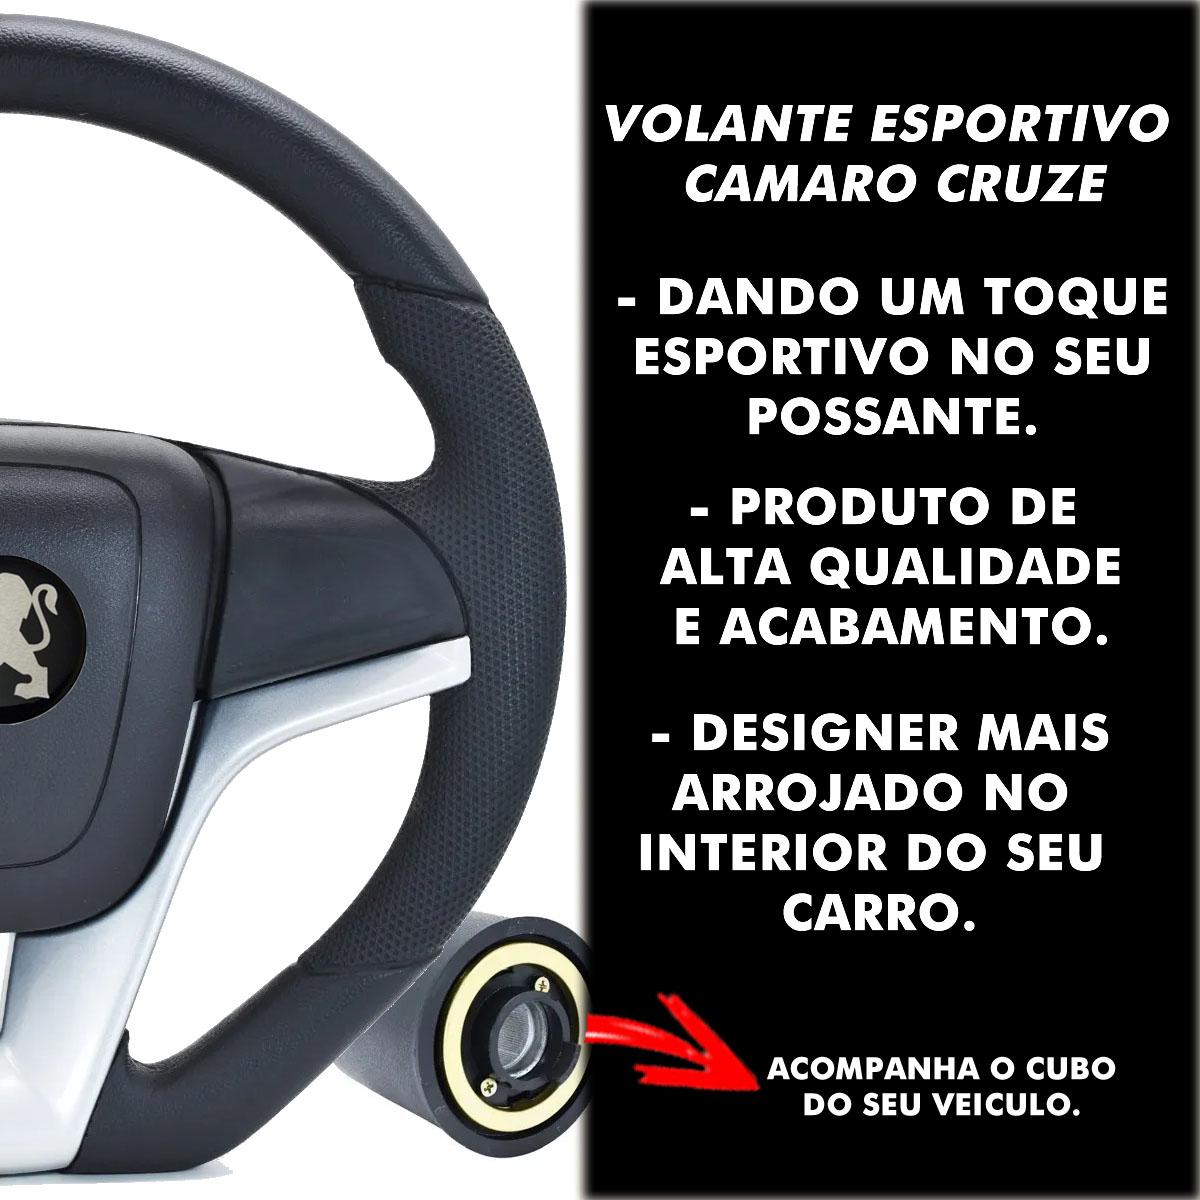 Volante Peugeot Camaro Esportivo Cubo 106 206 Poliparts